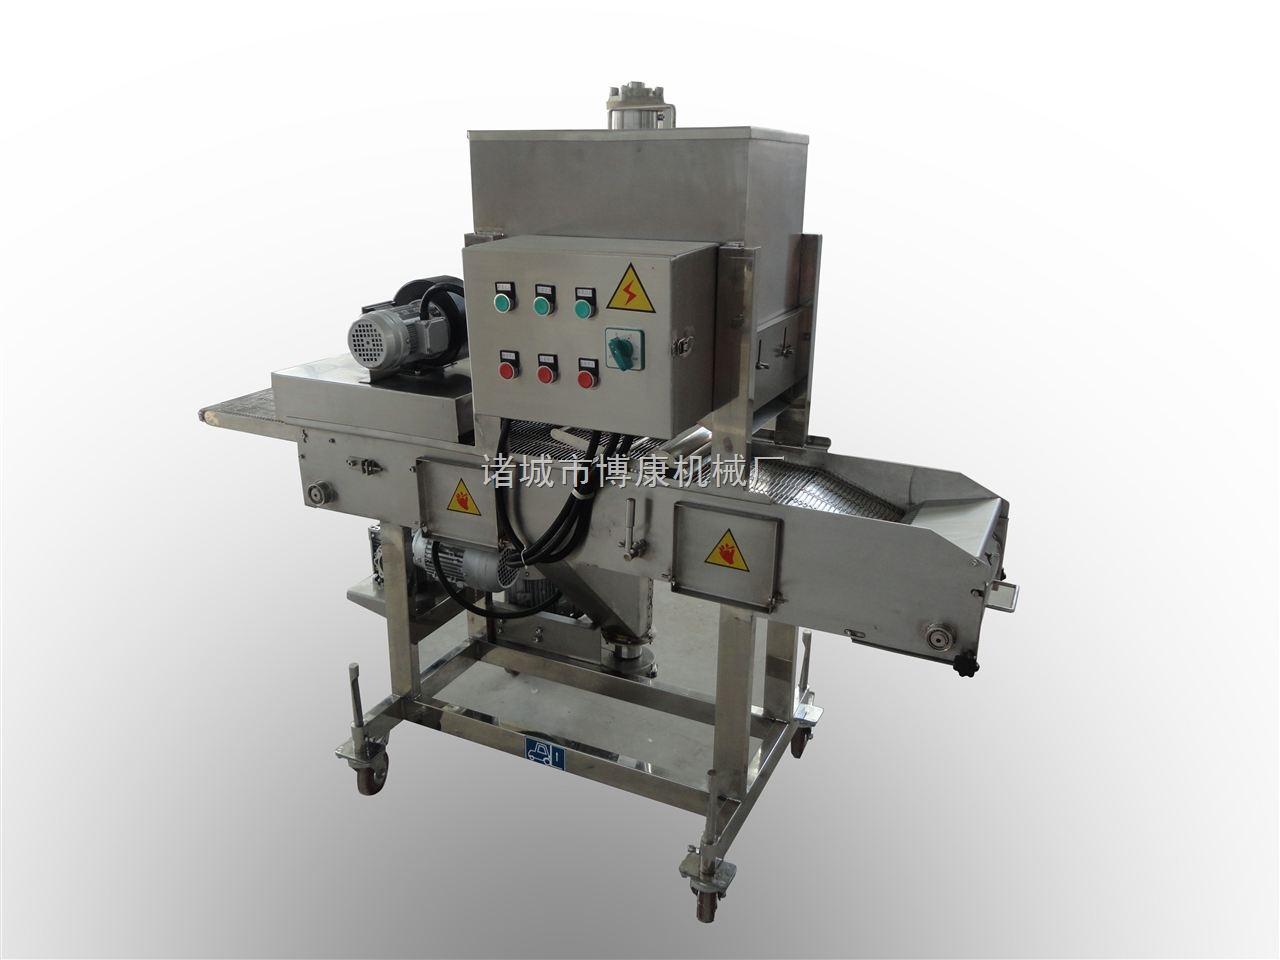 客户端机械定制加工客户端上面包屑机、上糠机